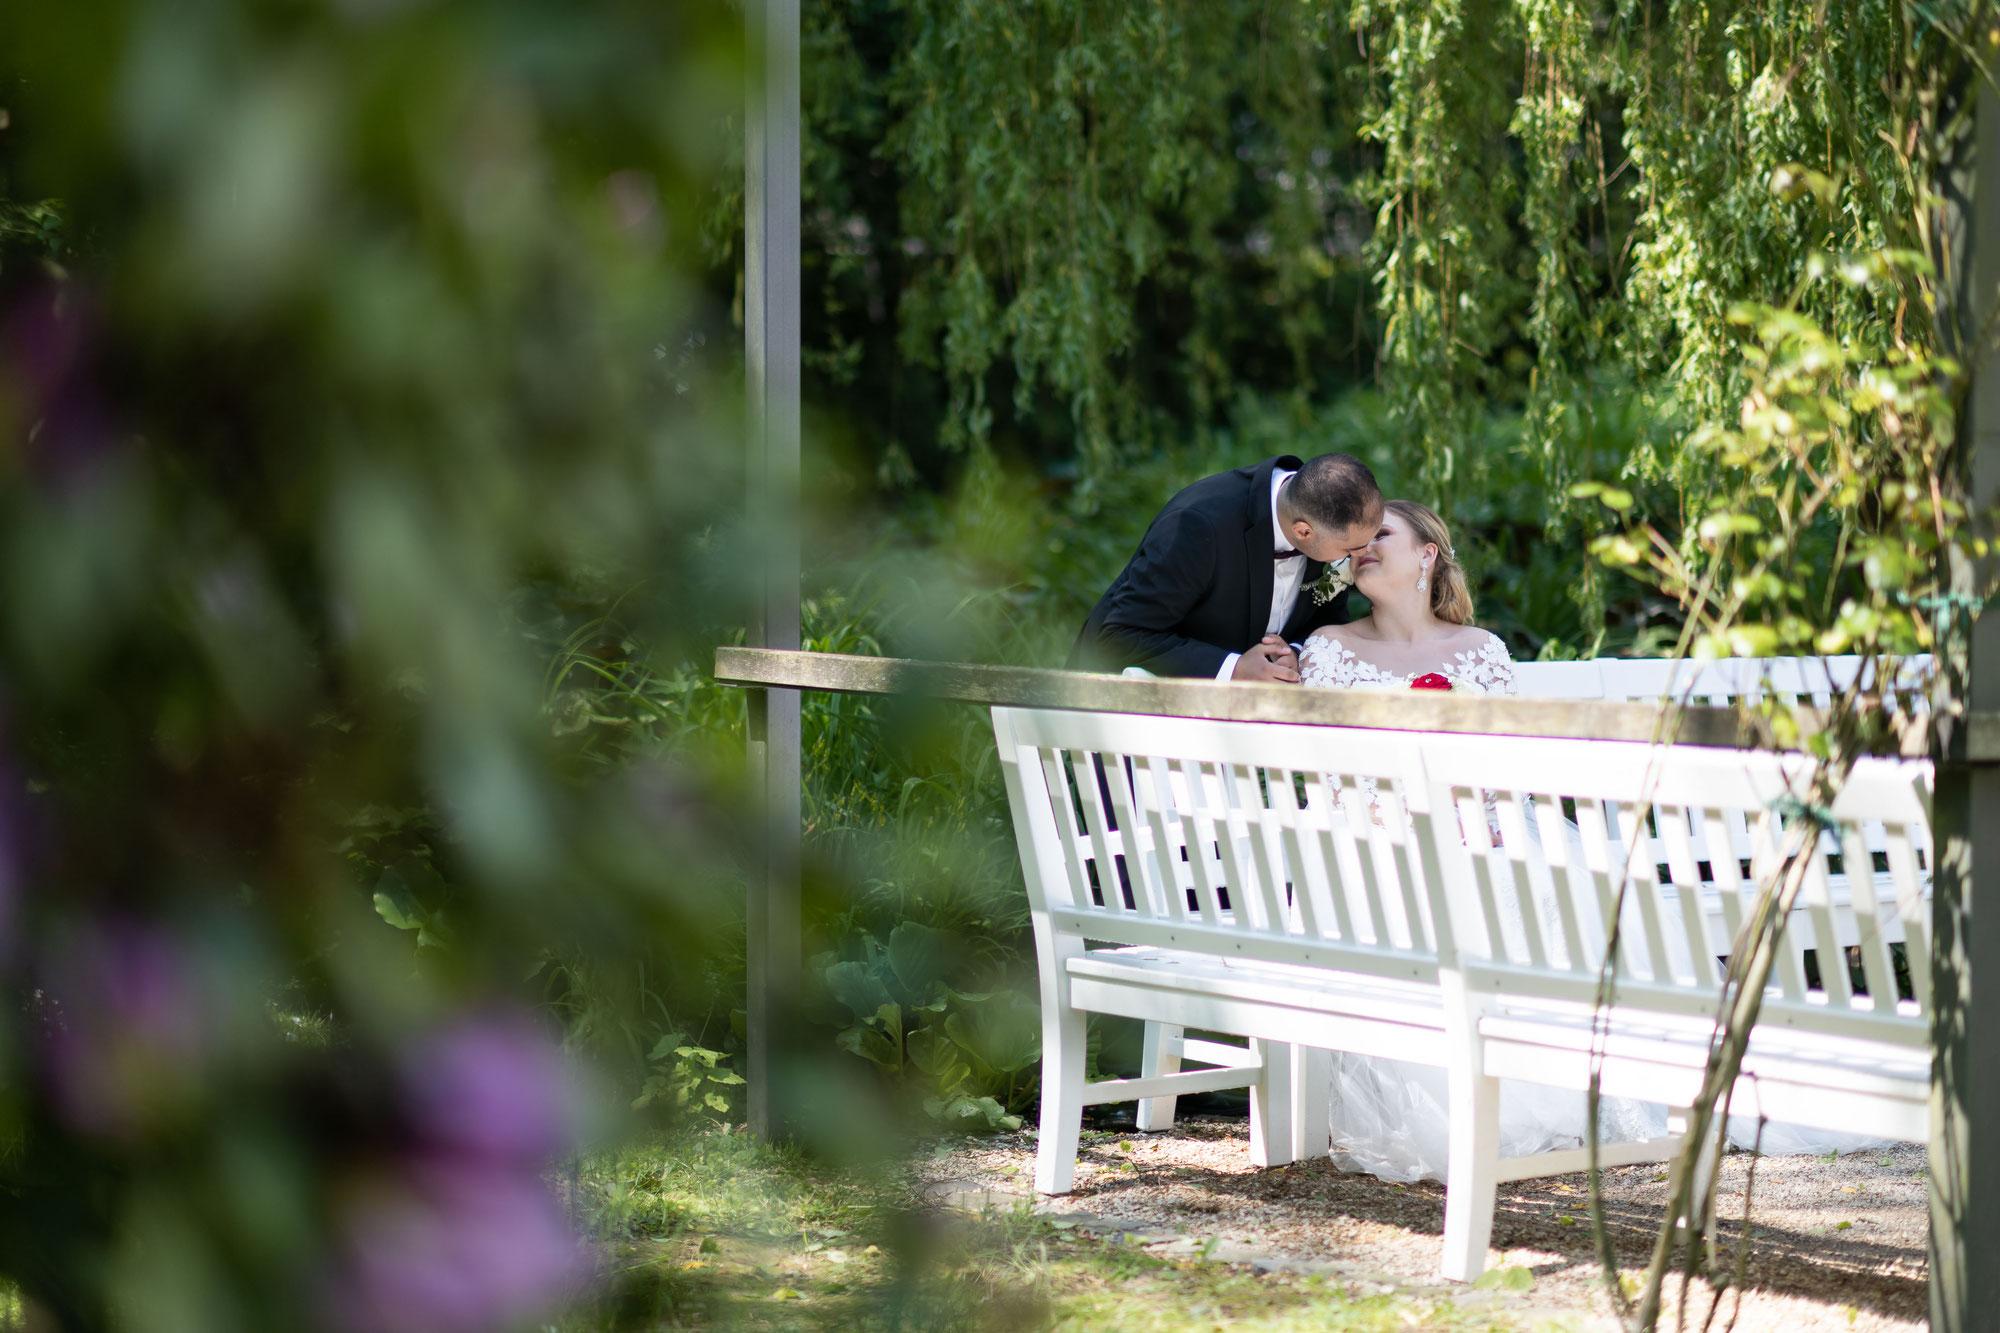 Professionelles Brautpaarshooting für natürliche Aufnahmen im Kurpark von Bad Homburg